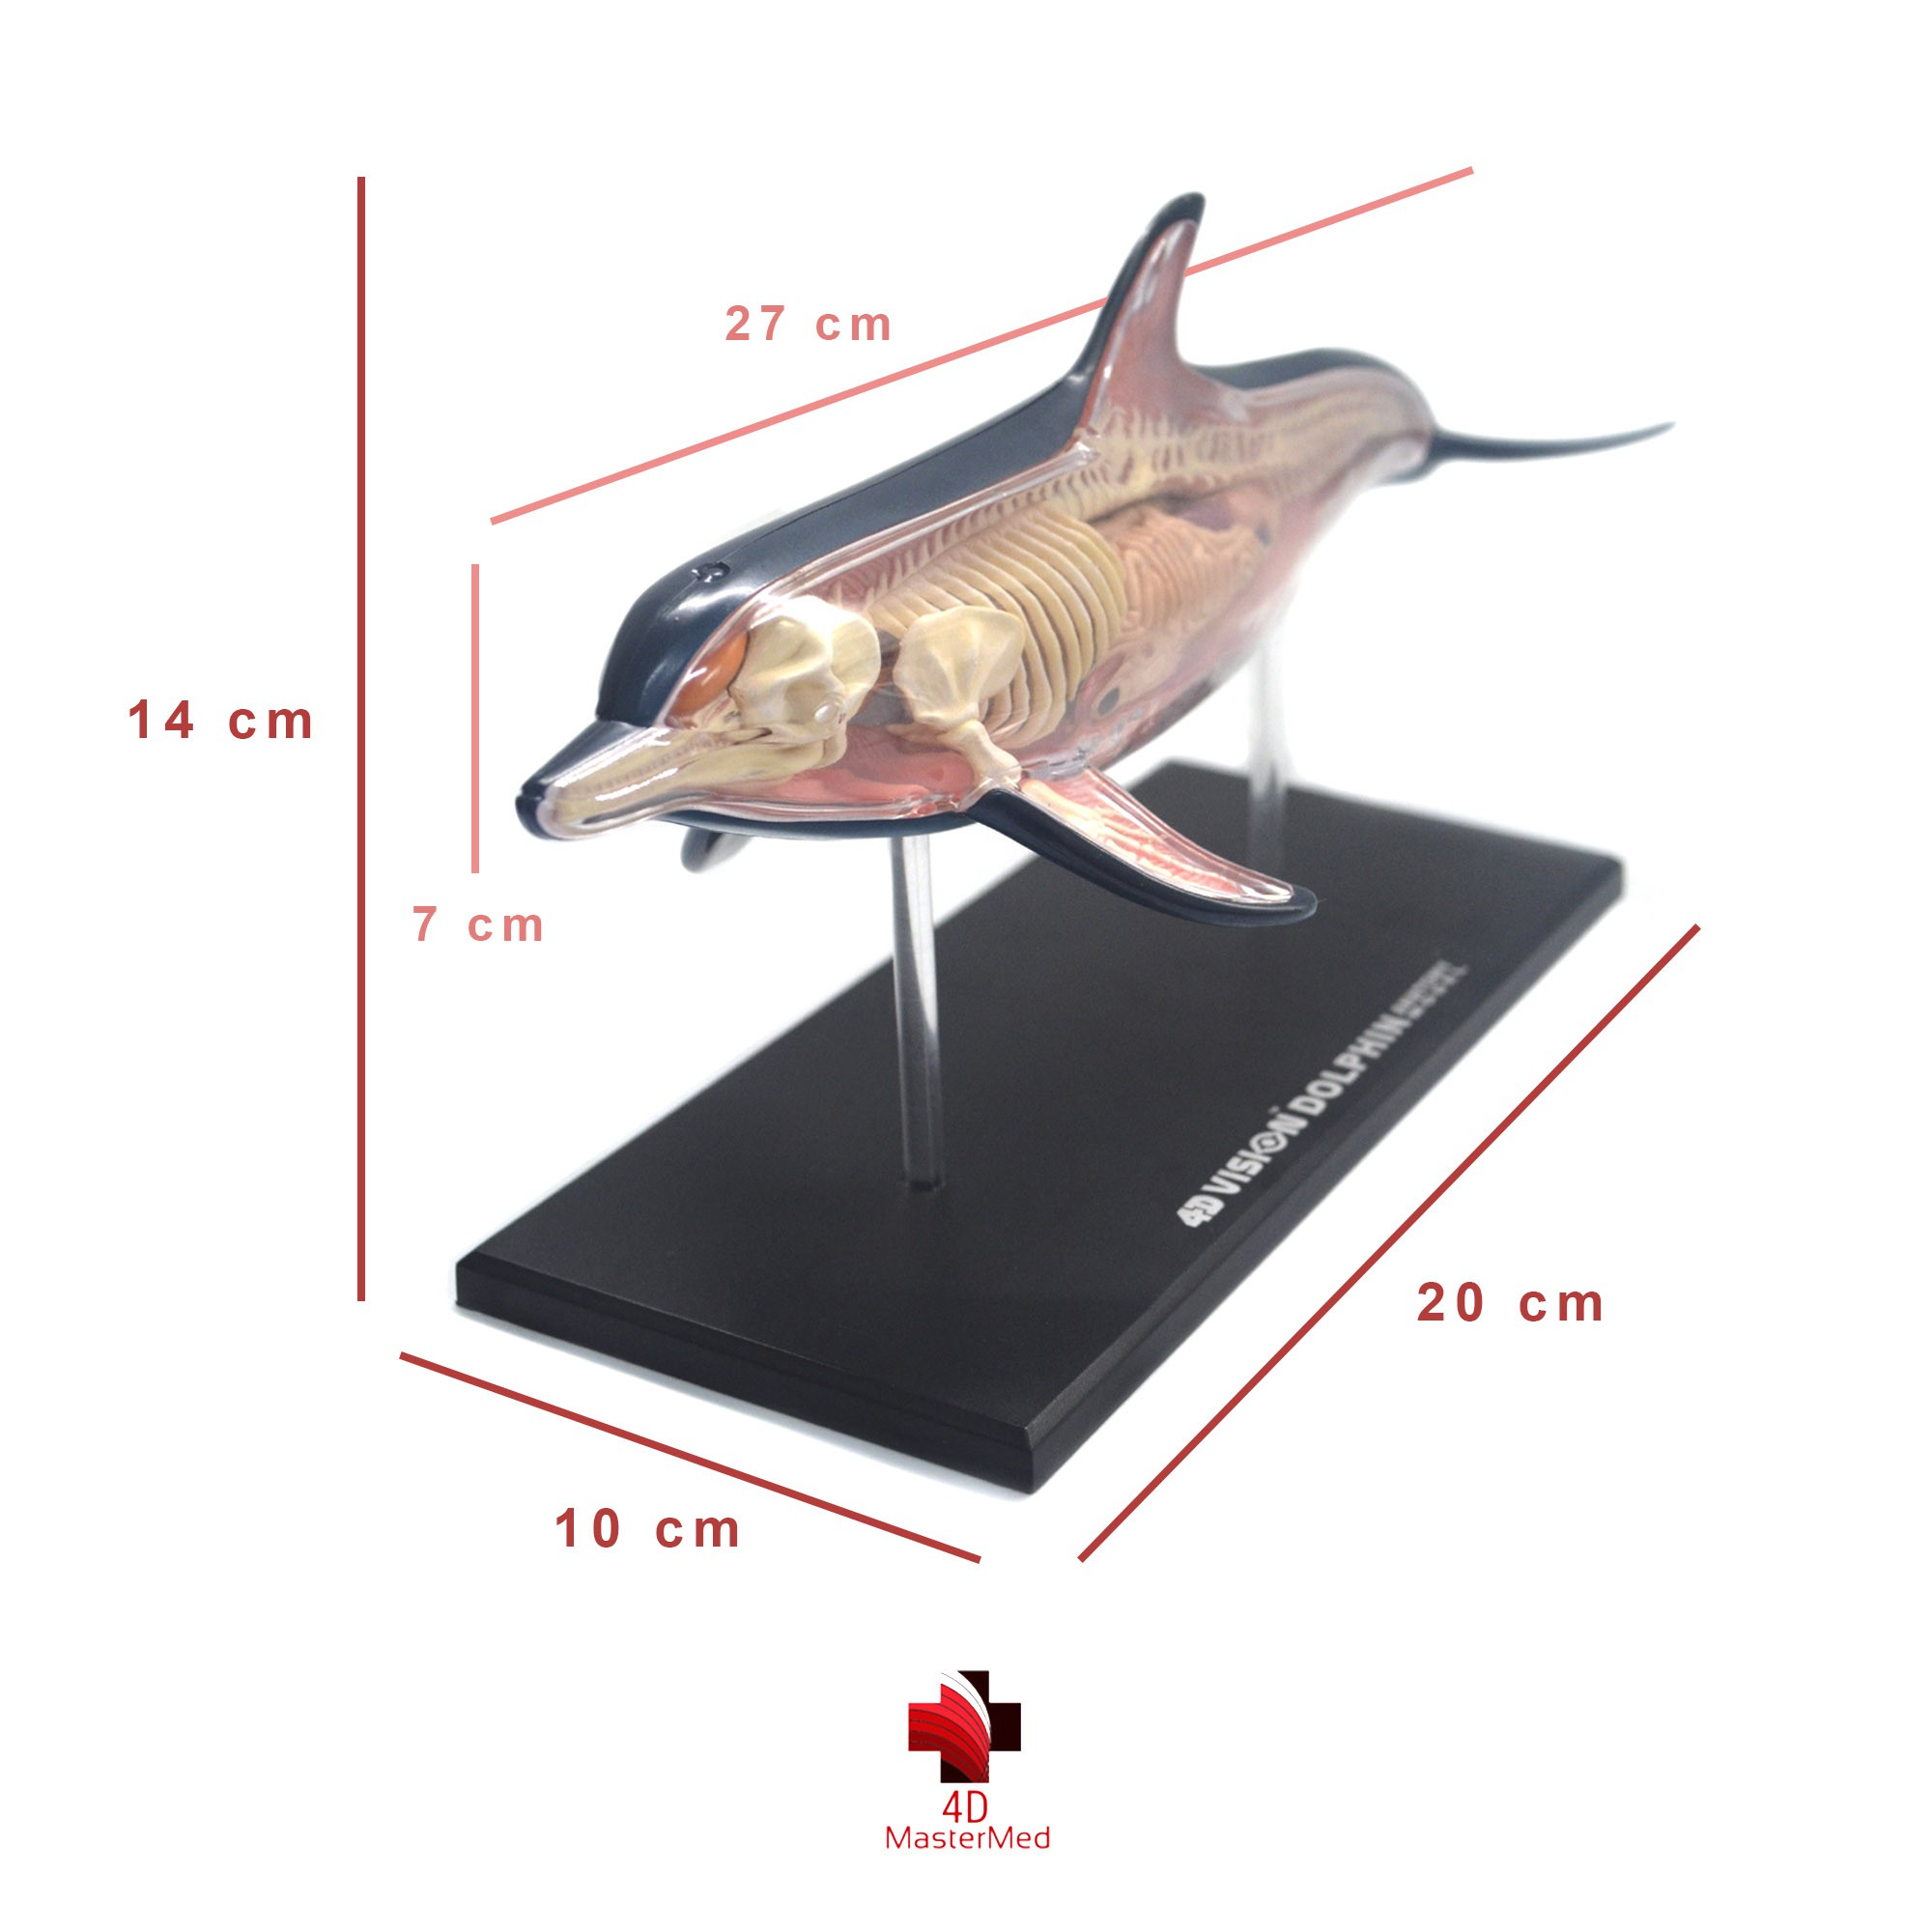 Kit Veterinário para estudo - GOLFINHO E ORCA.